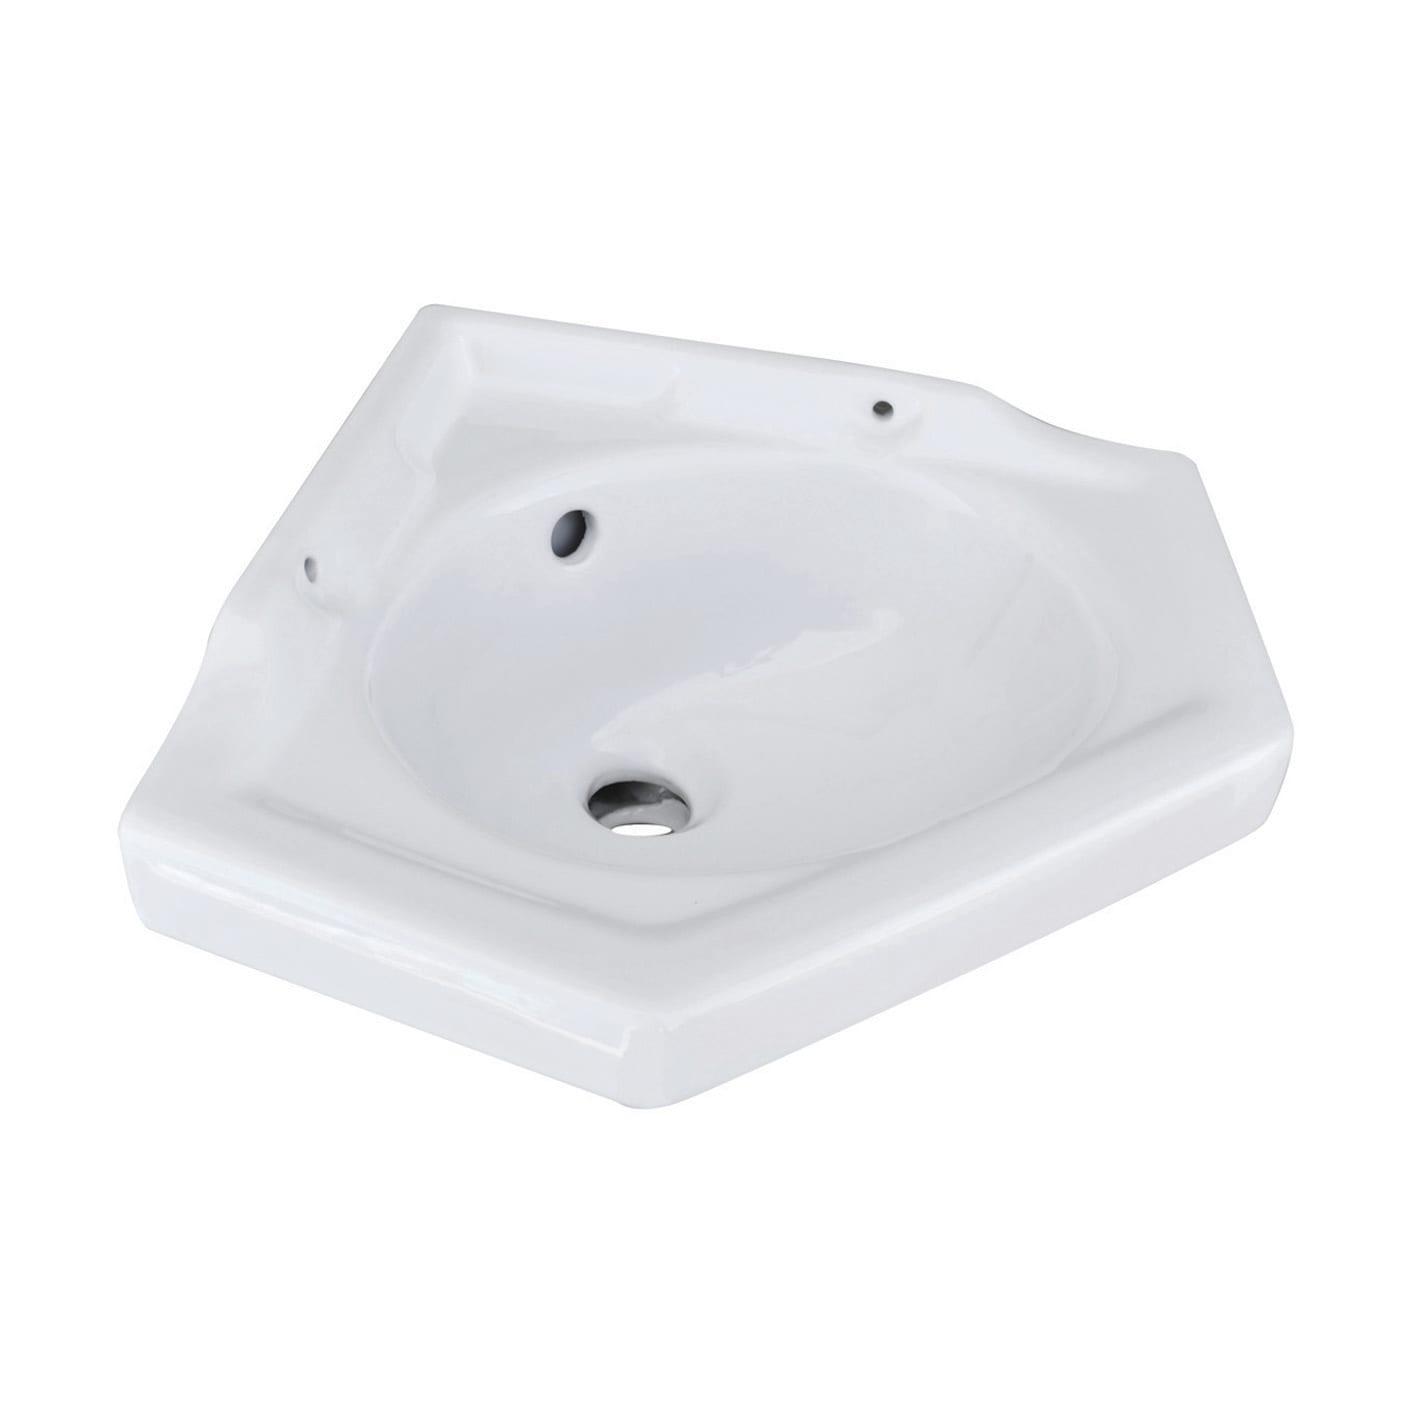 Specchio Per Lavandino Angolare lavabo ad angolo 36x36 angolare l 51 x p 42 cm in ceramica bianco